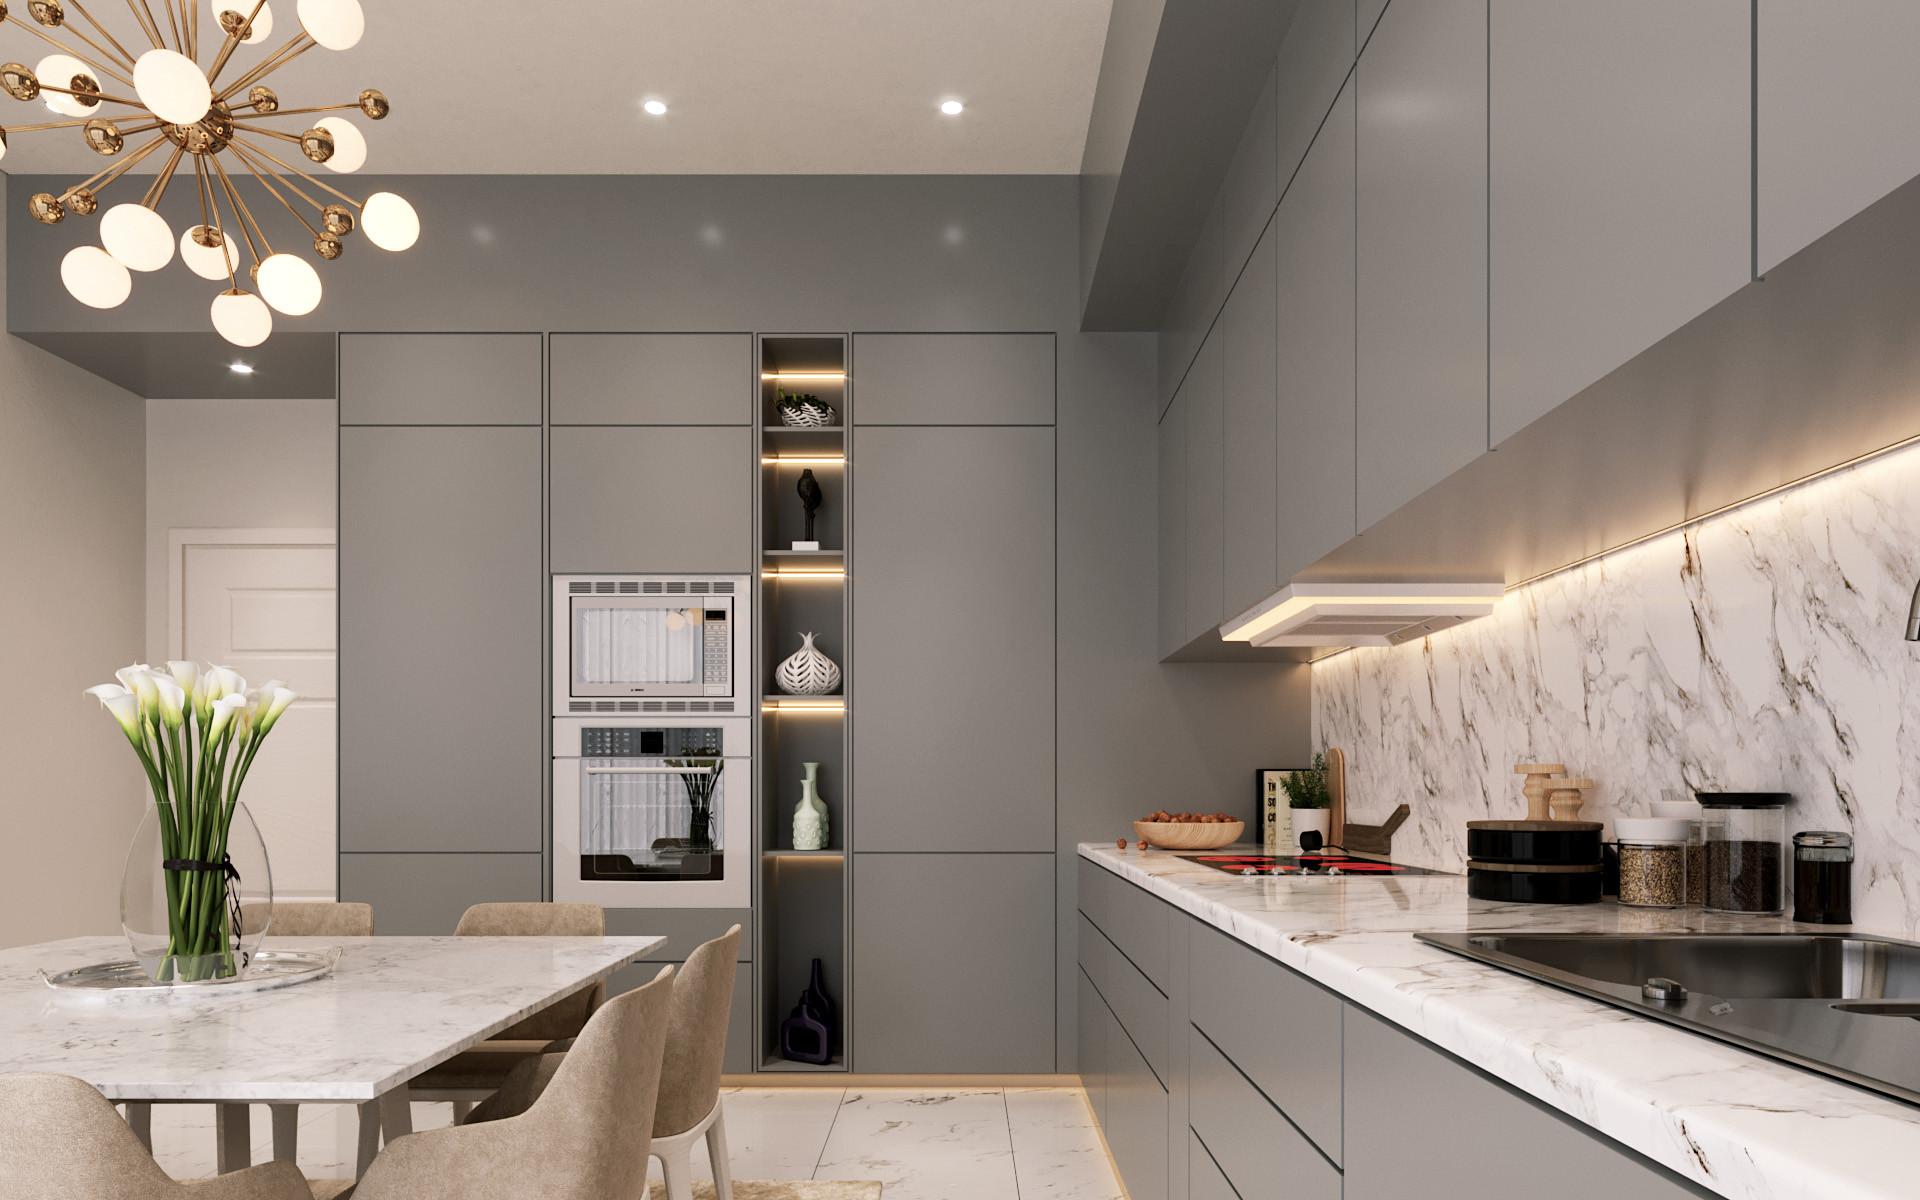 3D_renders_interiors_Dubai_villa3.jpg